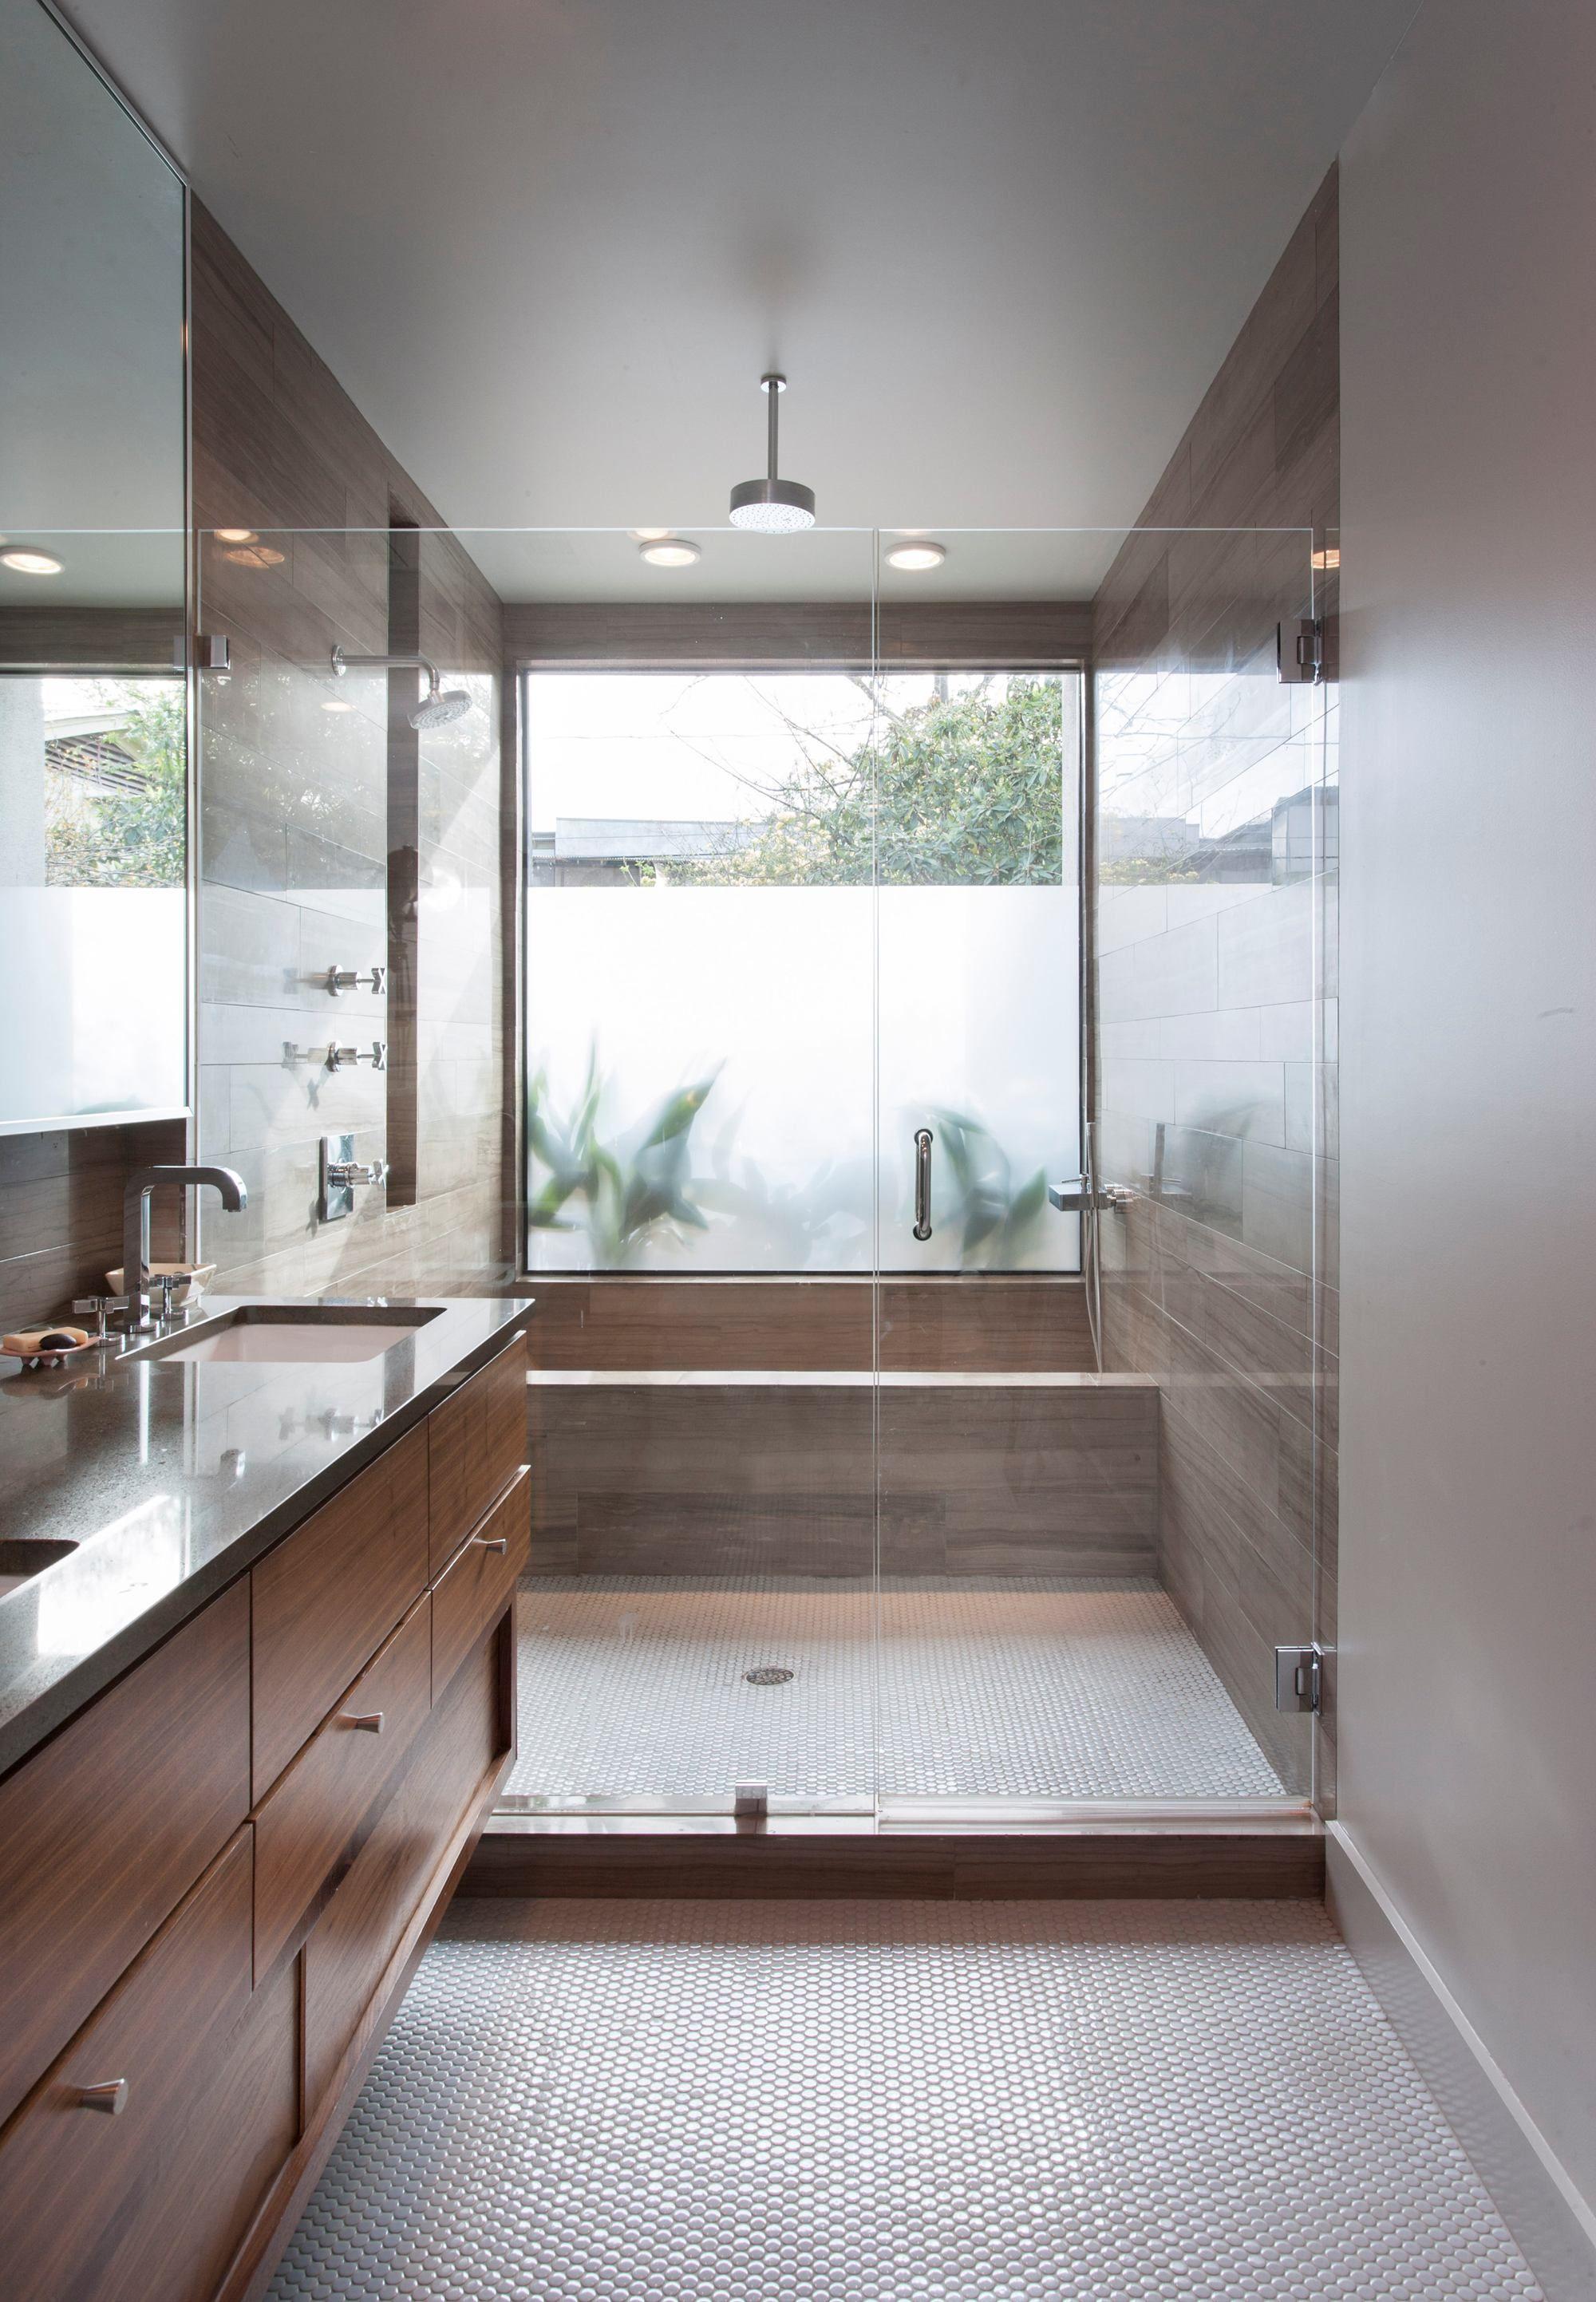 Design Trends of 2013 | 2e verdieping | Pinterest - Badkamer ...